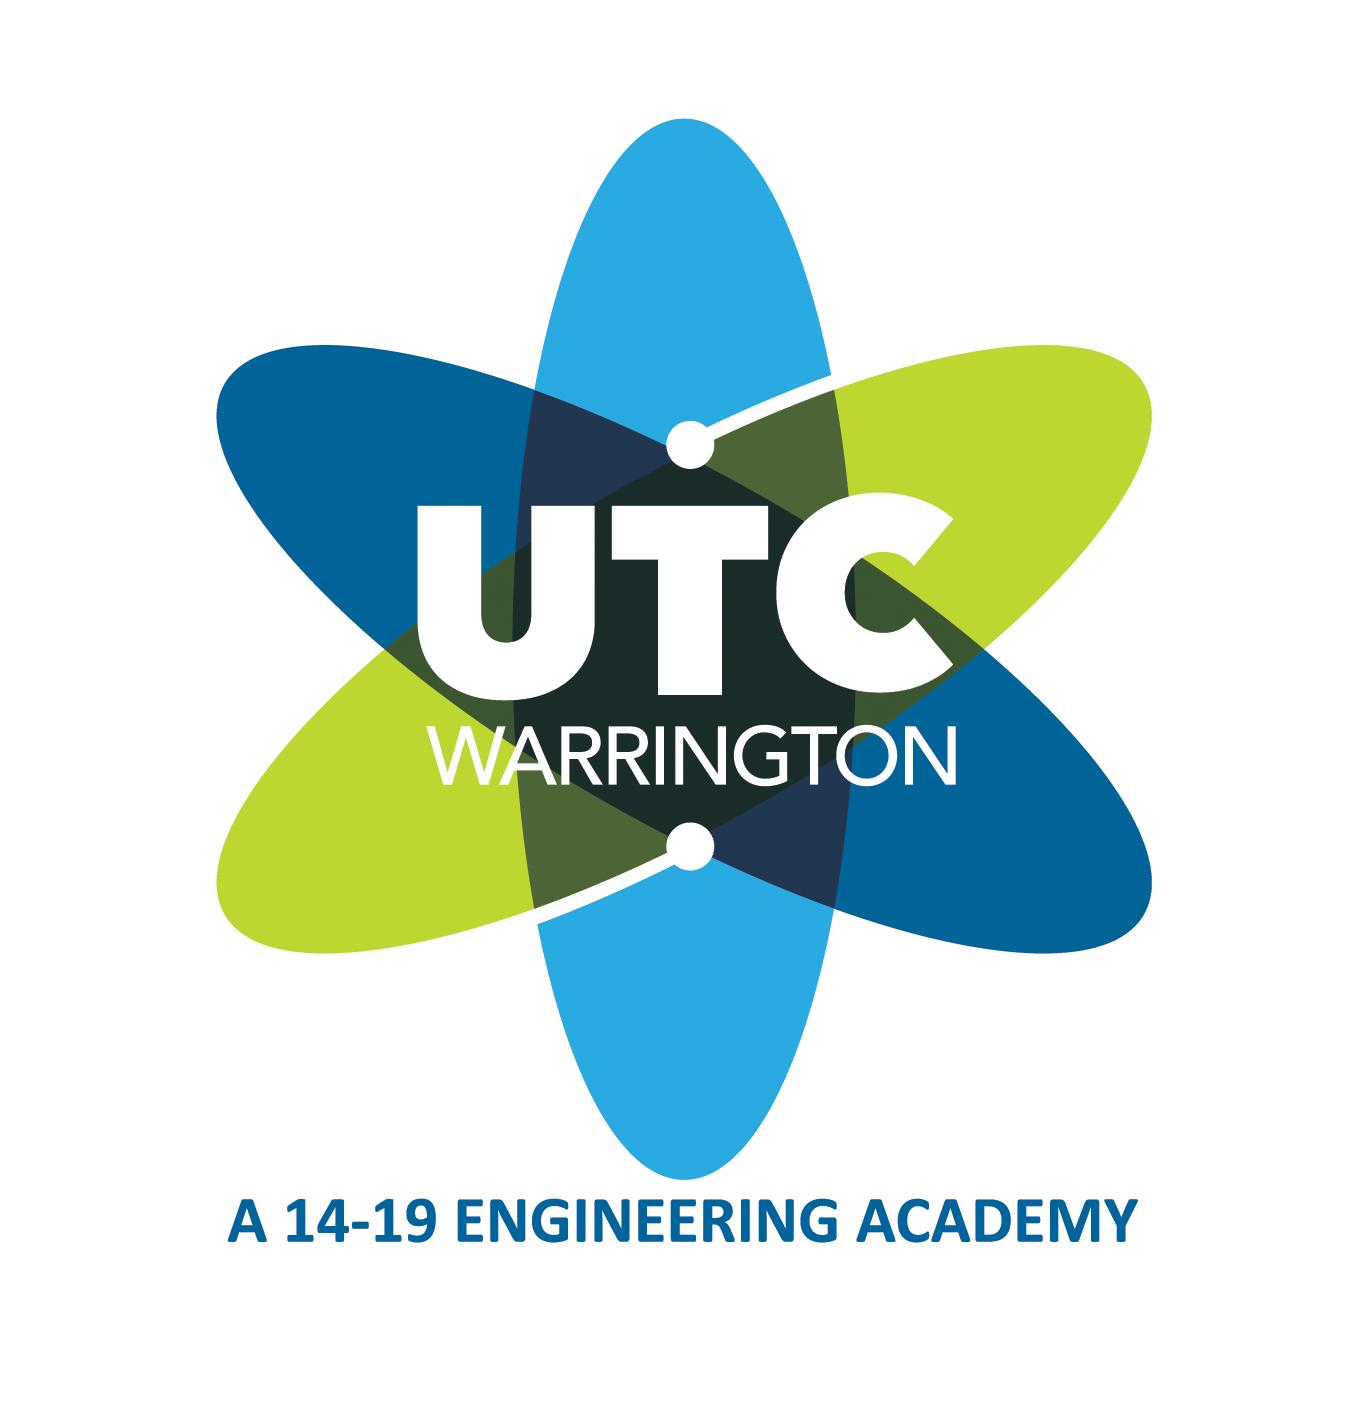 Warrington UTC